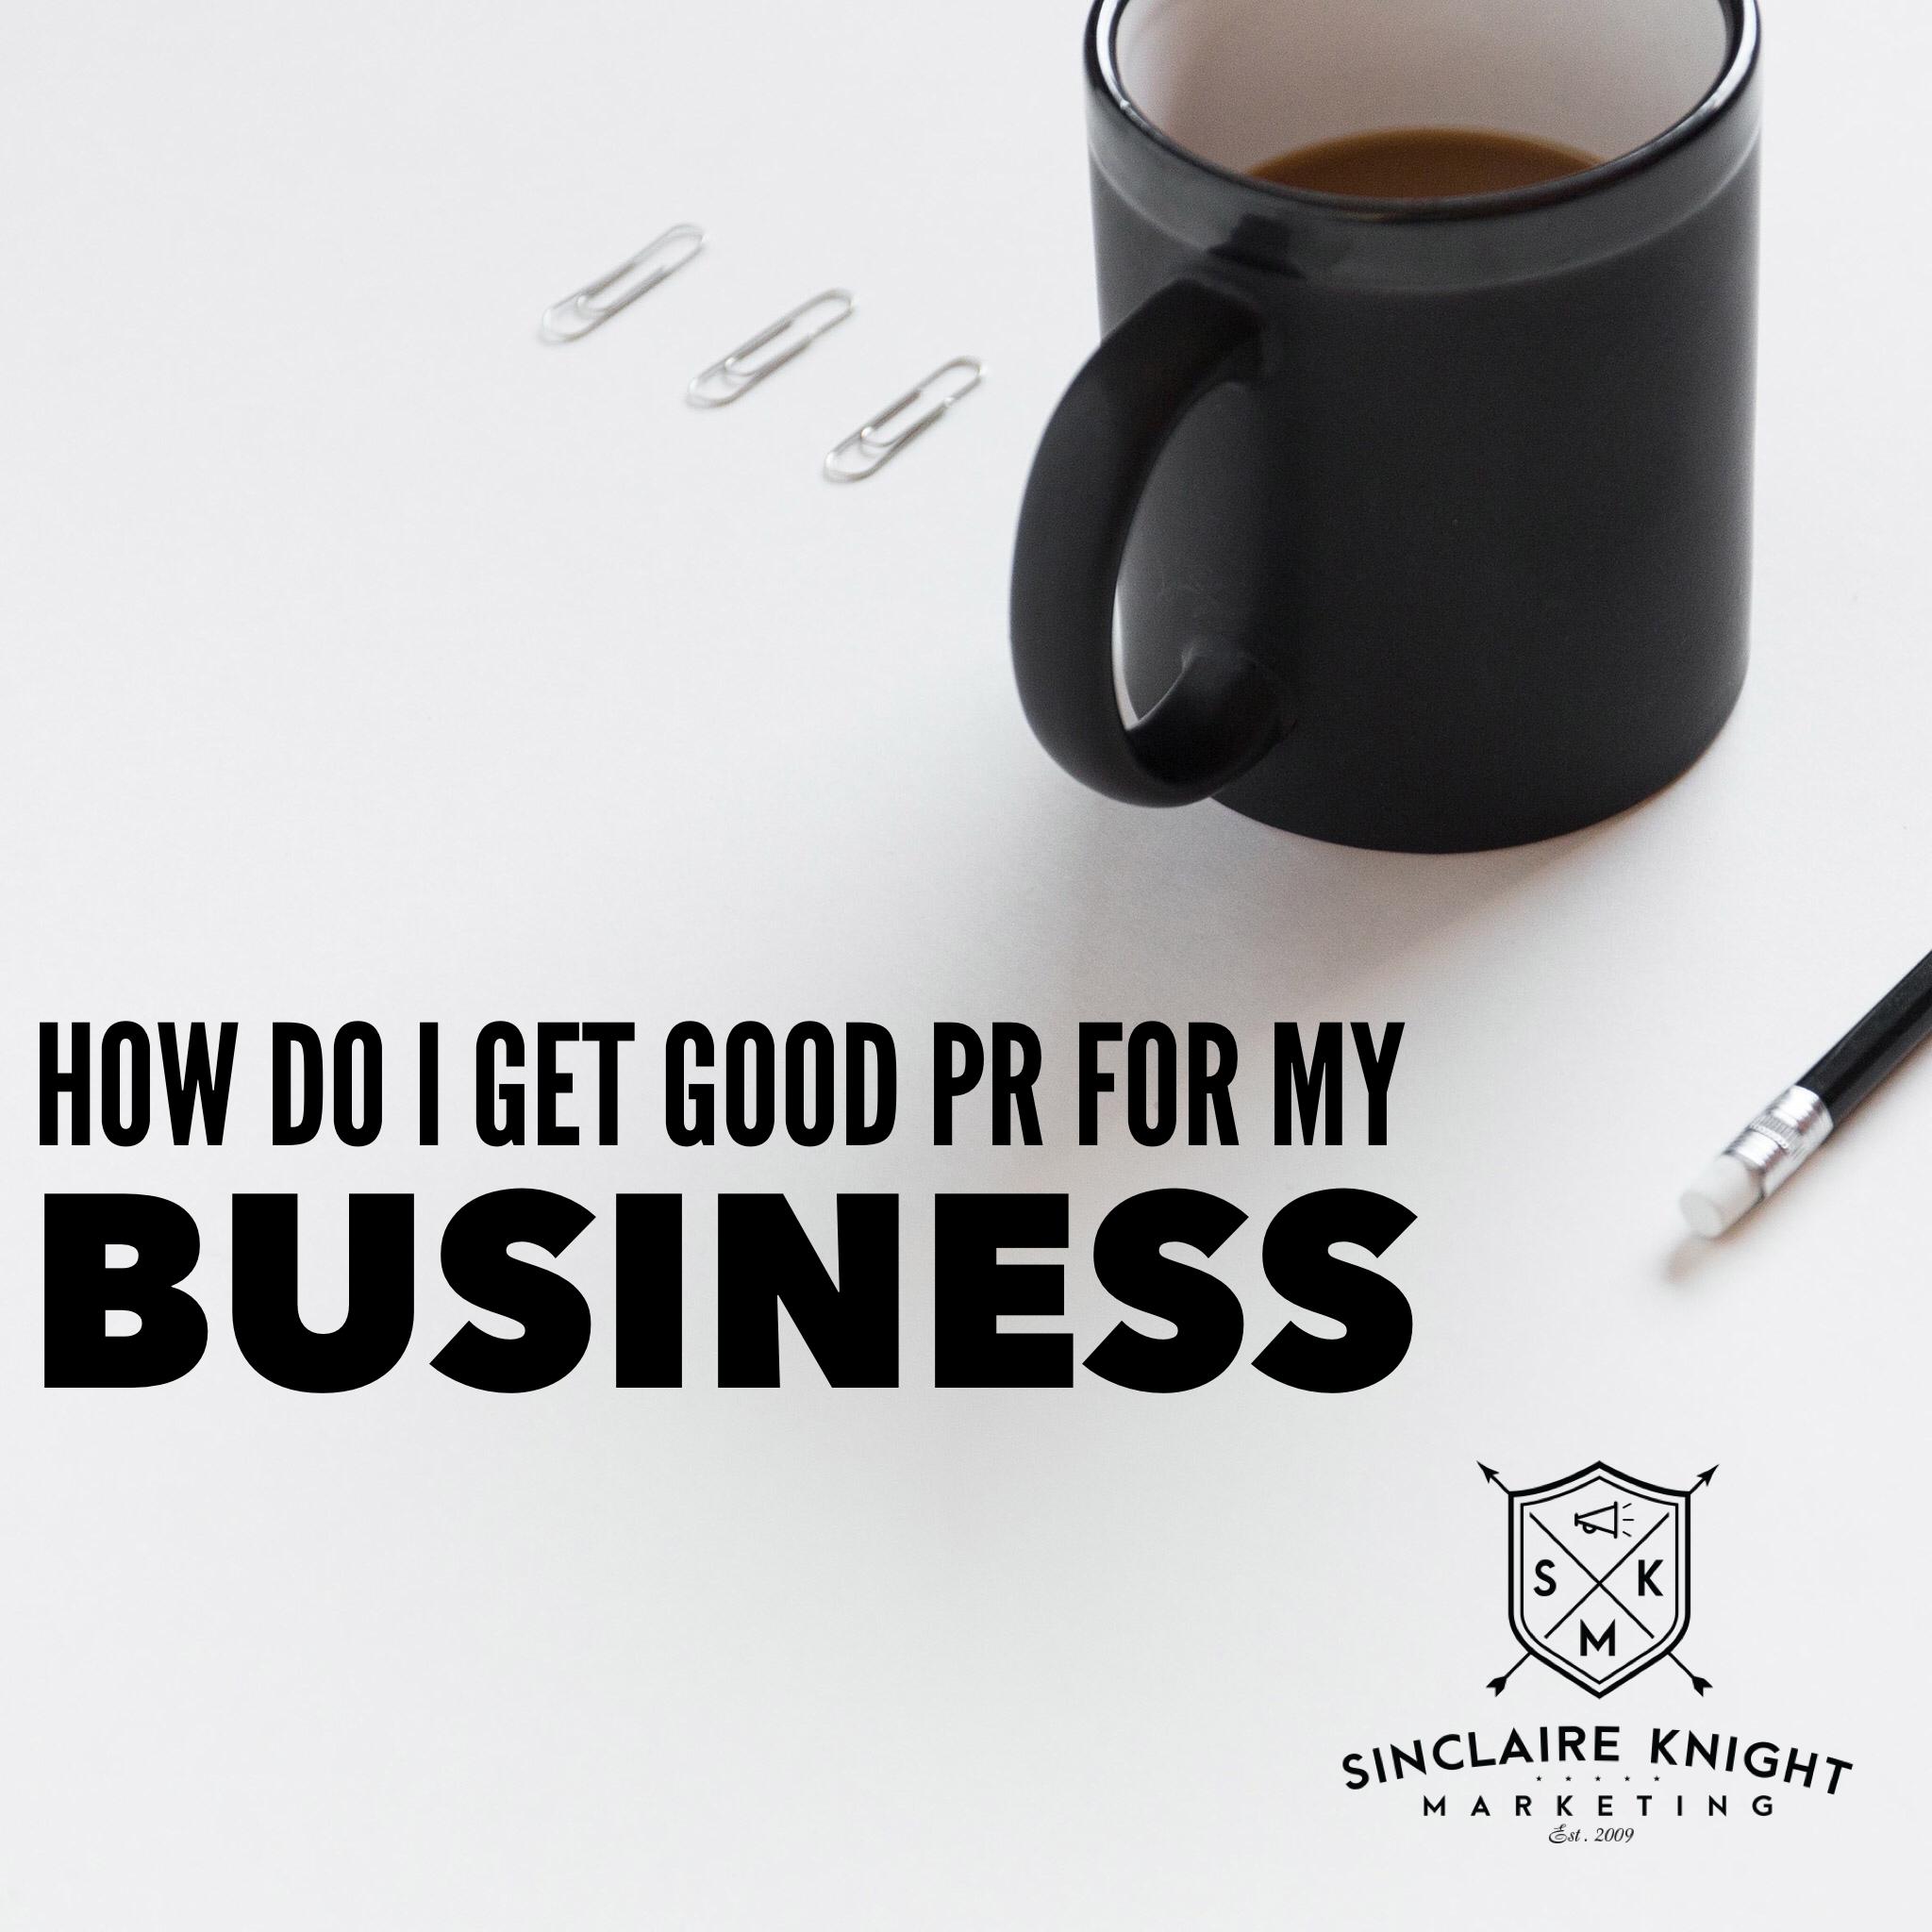 How Do I Get Good PR For My Business?